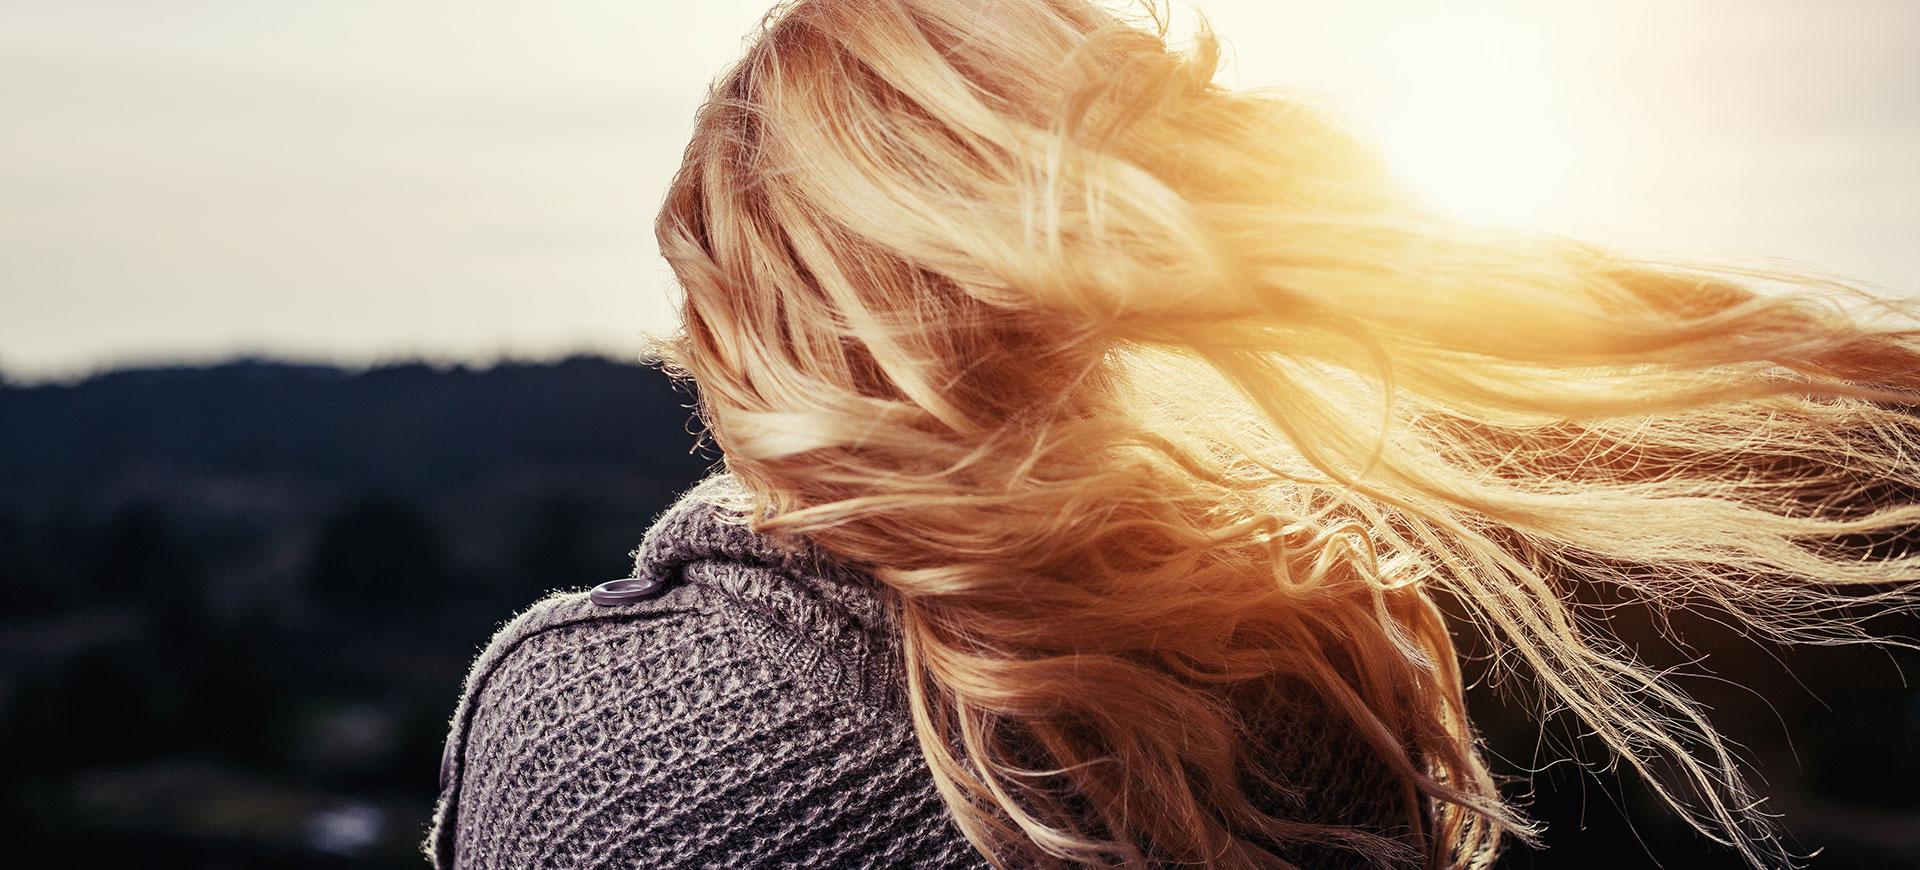 Bästa tipsen - så får du ett torrt och slitet hår att bli glansigt igen